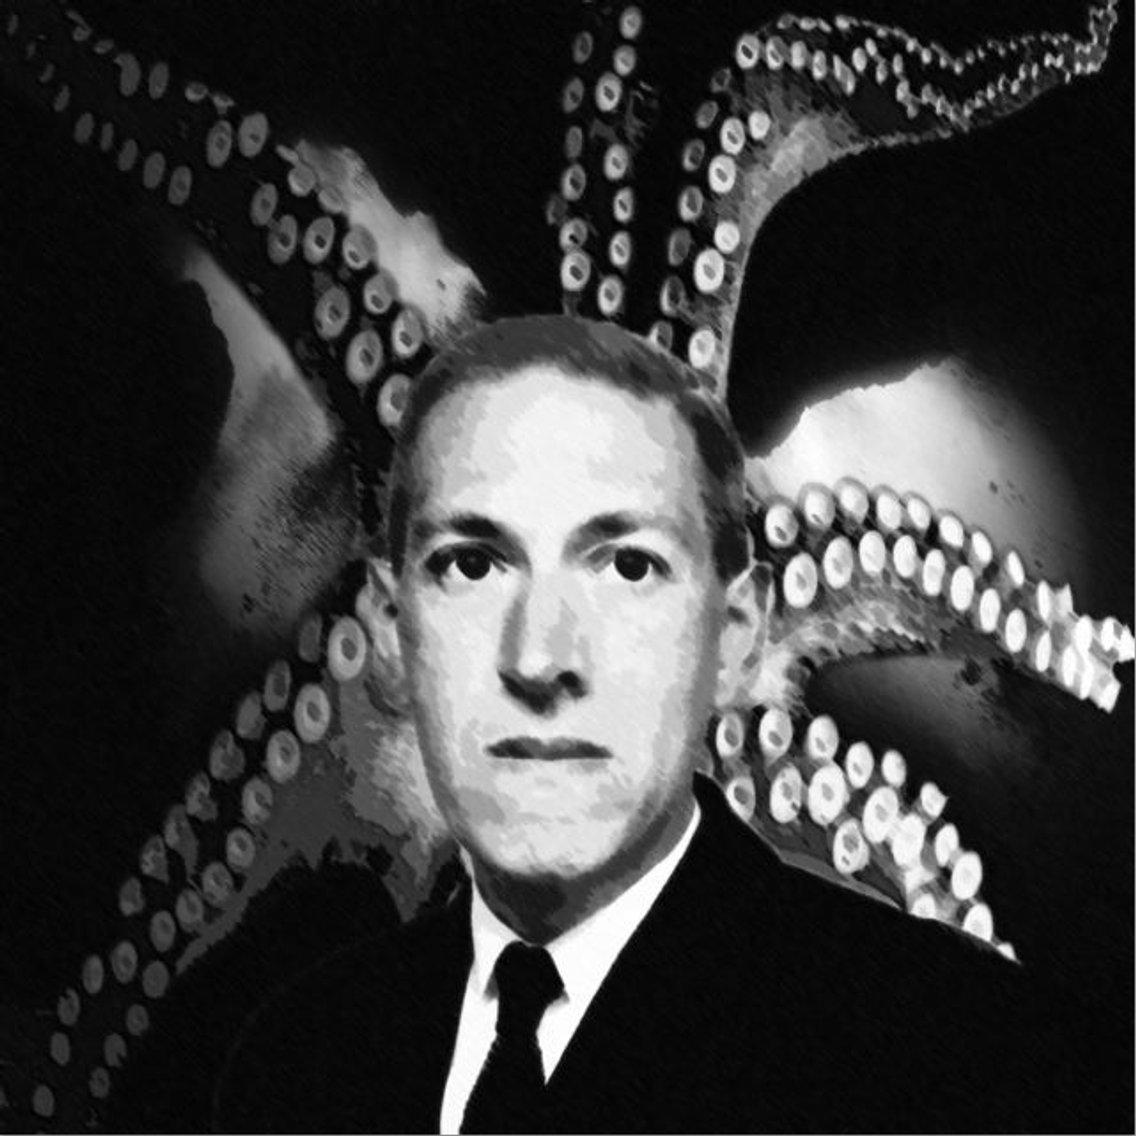 Audiolibri H.P. Lovecraft - immagine di copertina